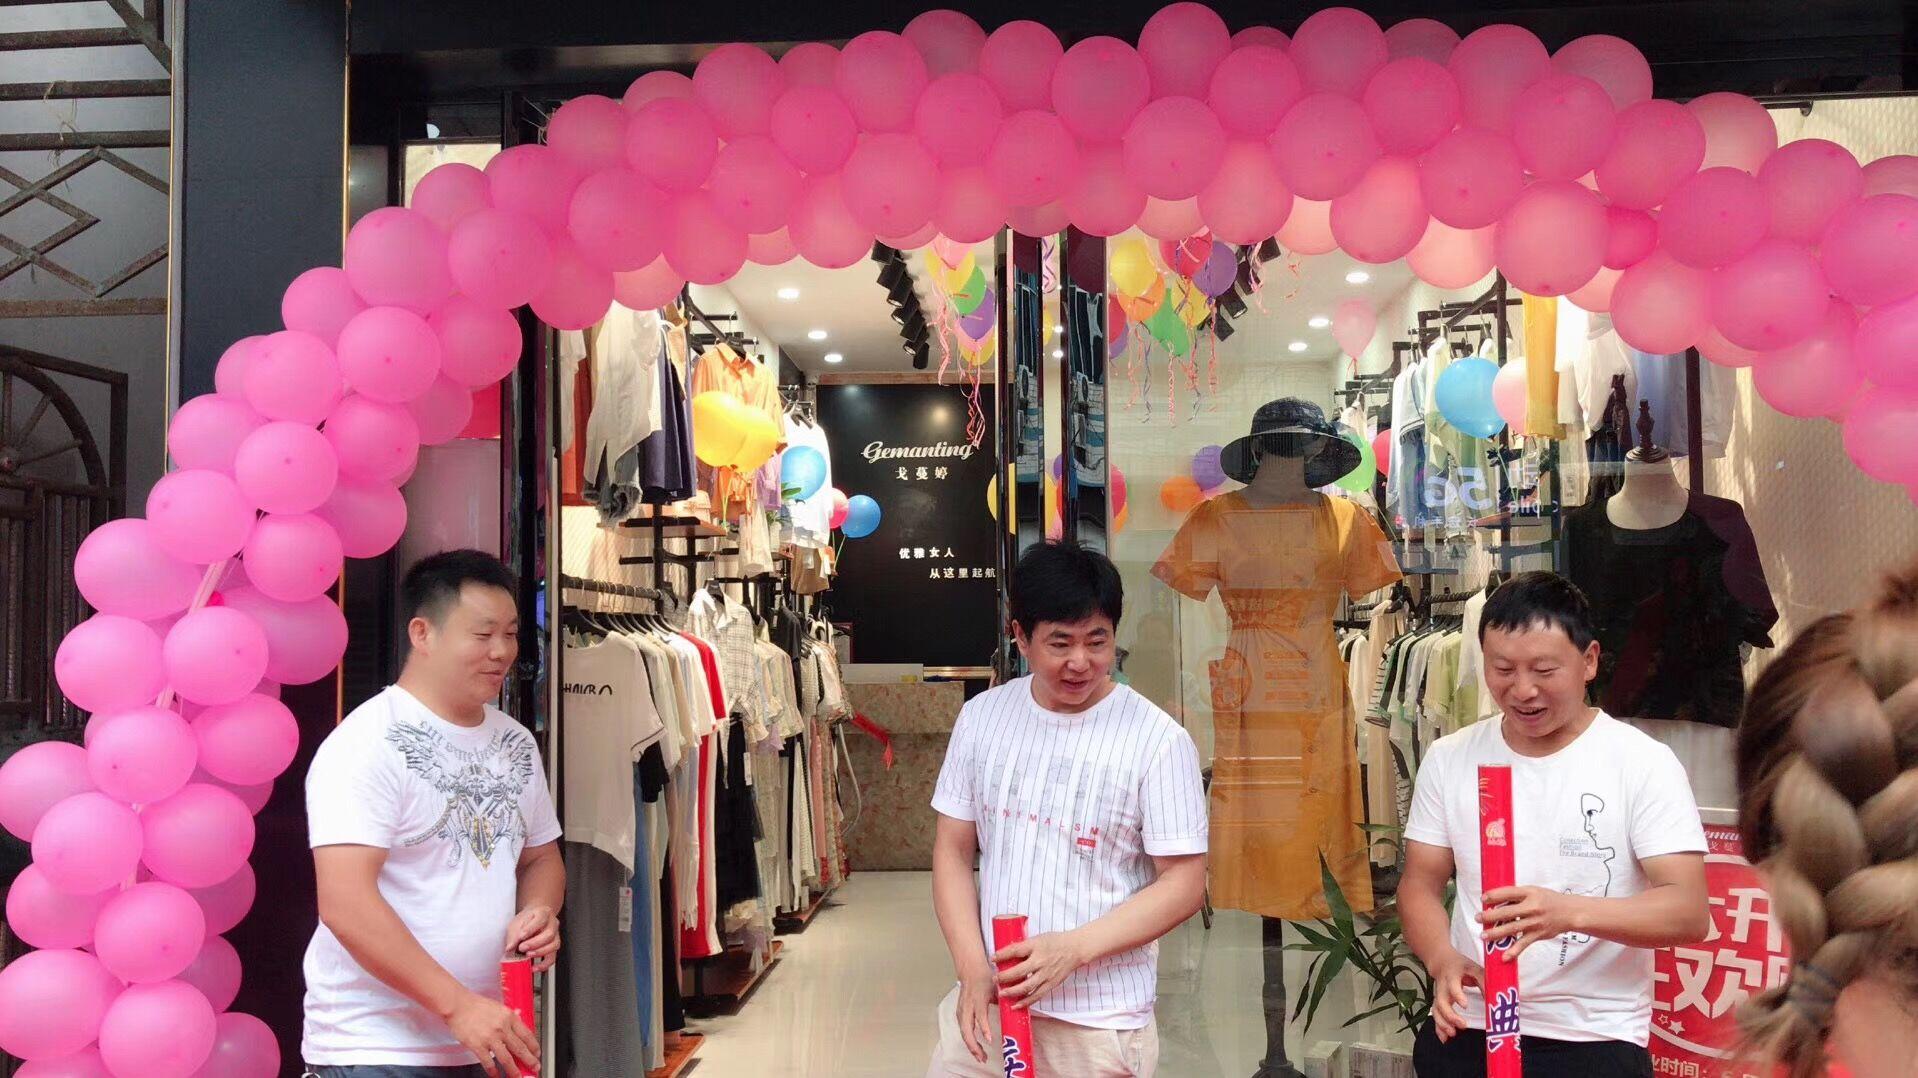 廣州戈蔓婷女裝加盟,品牌發展促進投資者成功